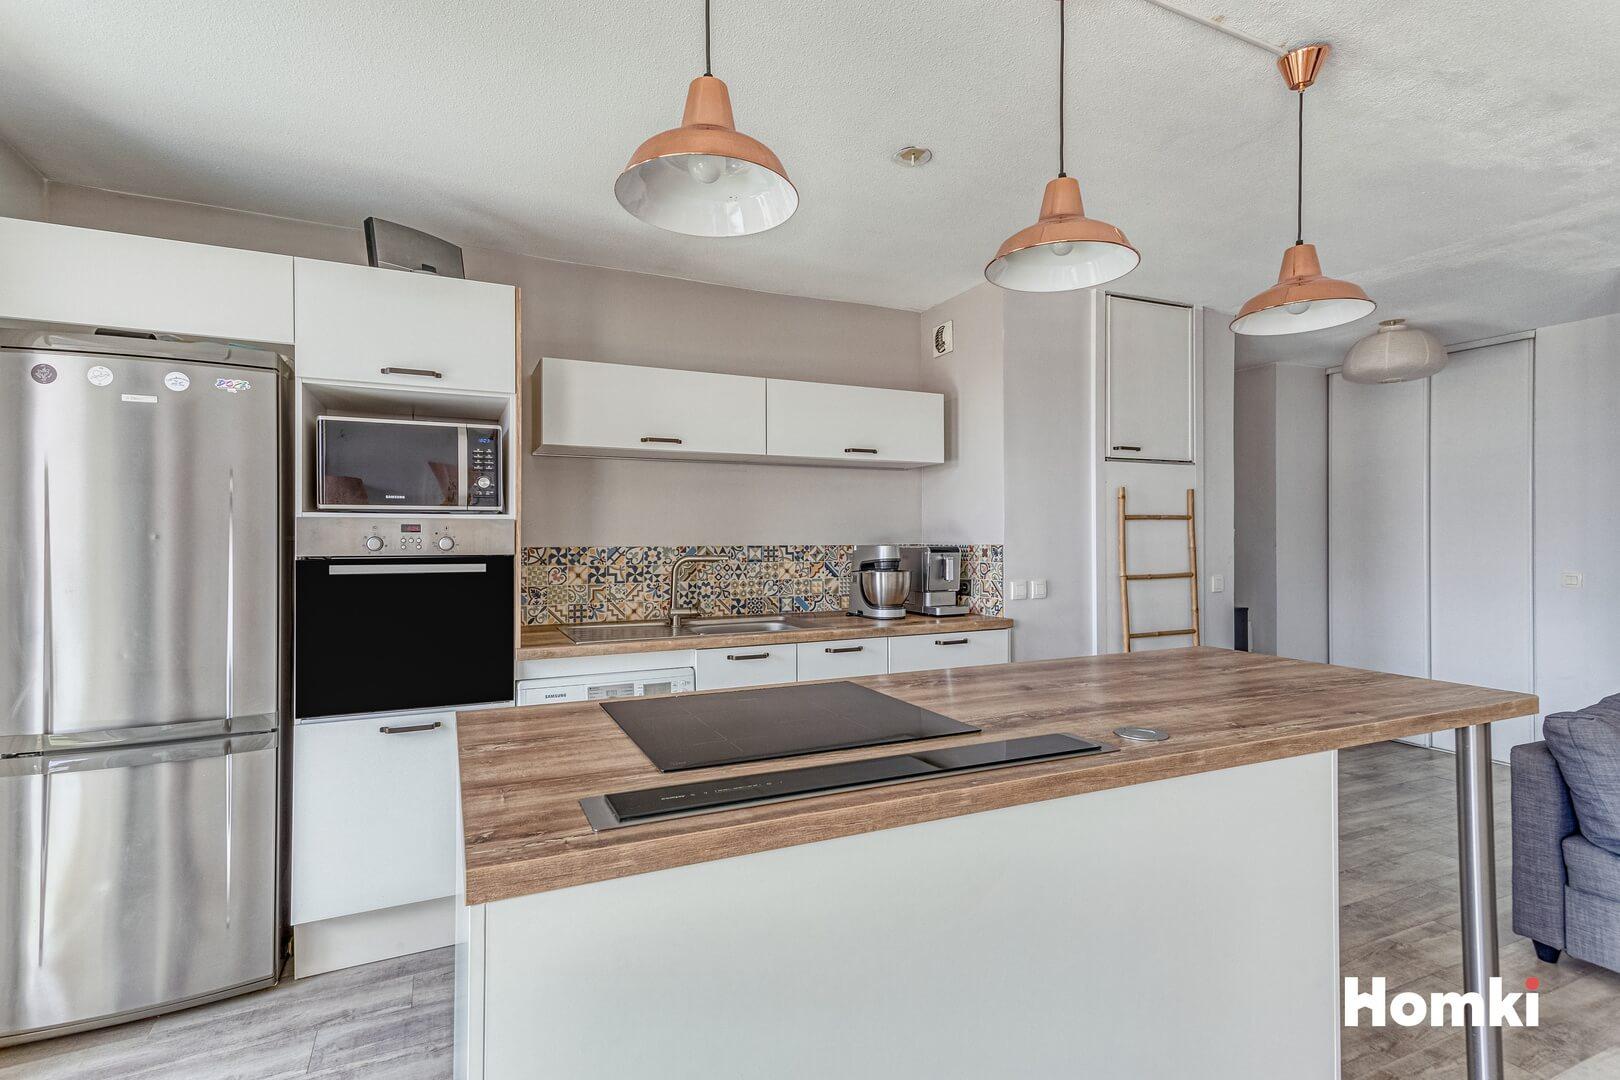 Homki - Vente Appartement  de 68.0 m² à Villeurbanne 69100